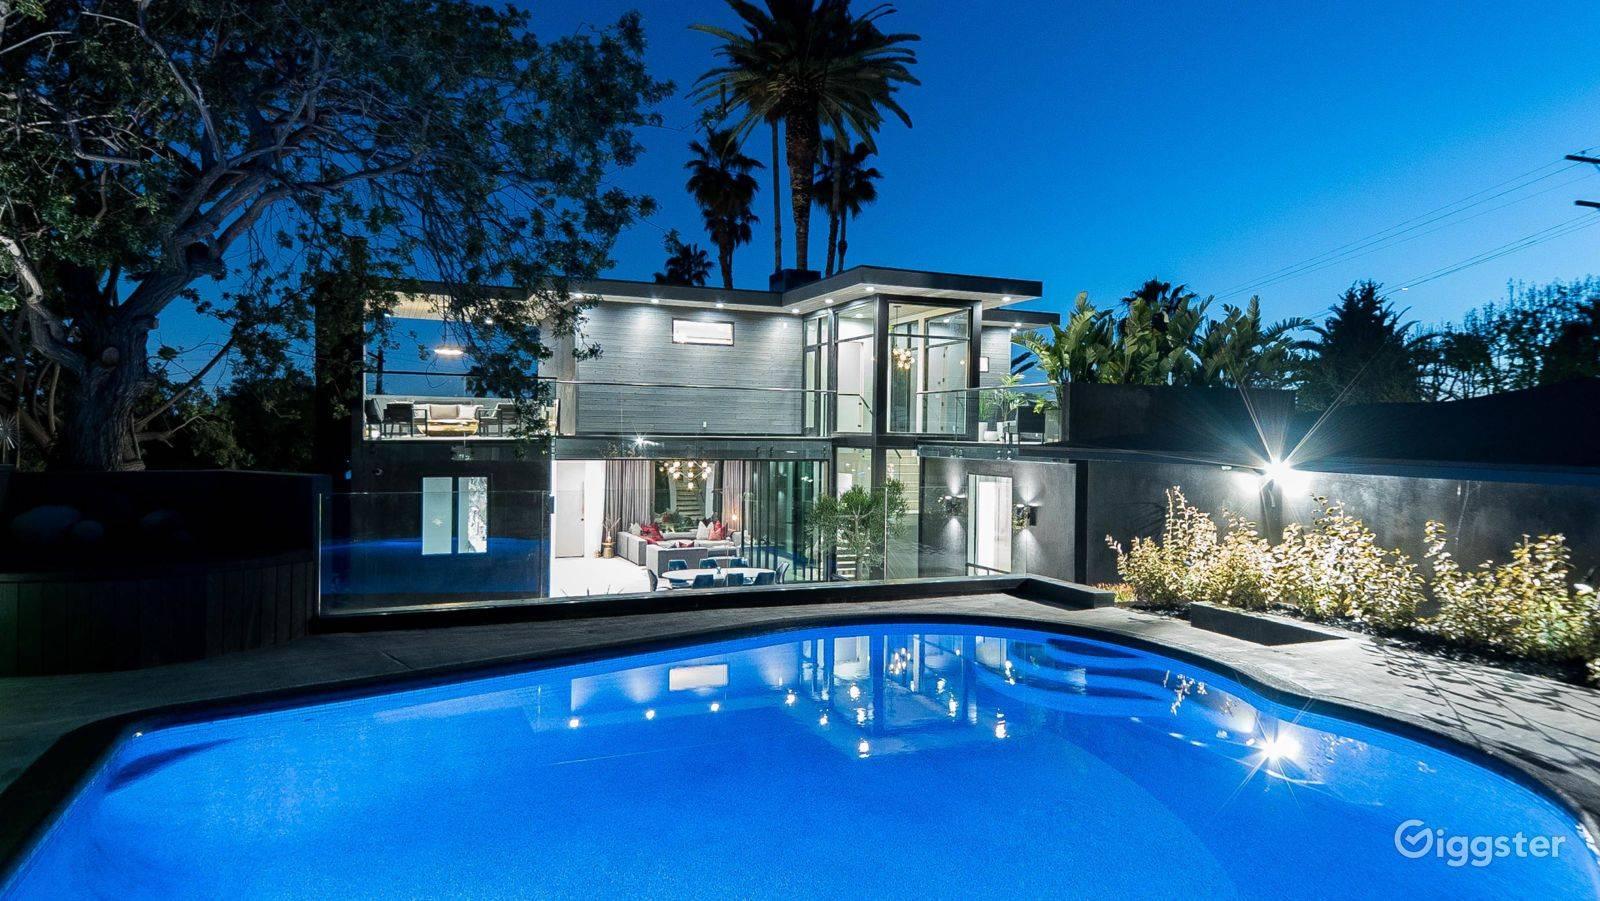 Цены на недвижимость в лос-анджелесе - аренда и покупка